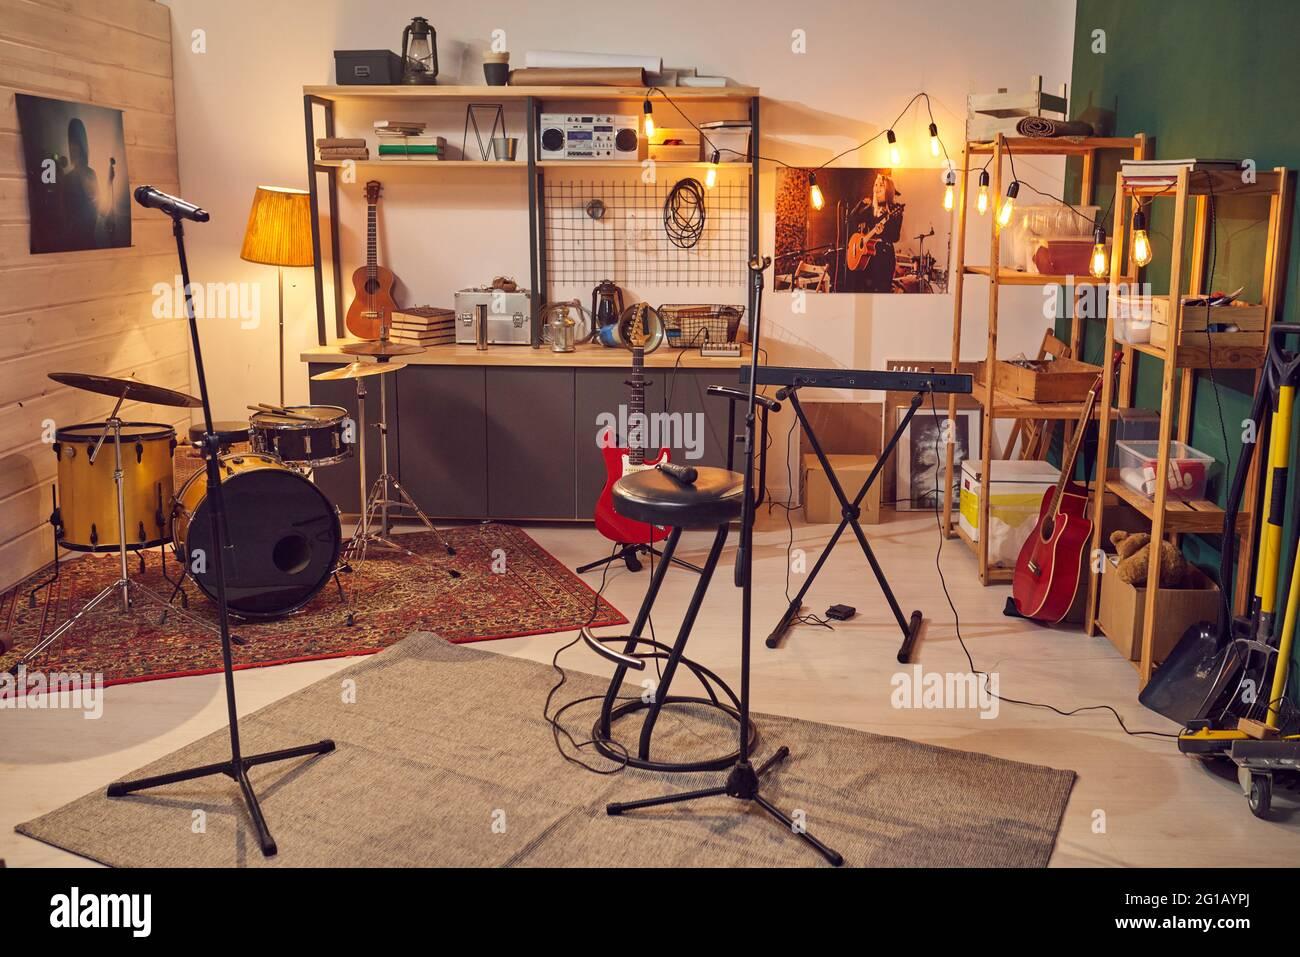 Interior de gran estudio de grabación de música sin nadie dentro Foto de stock